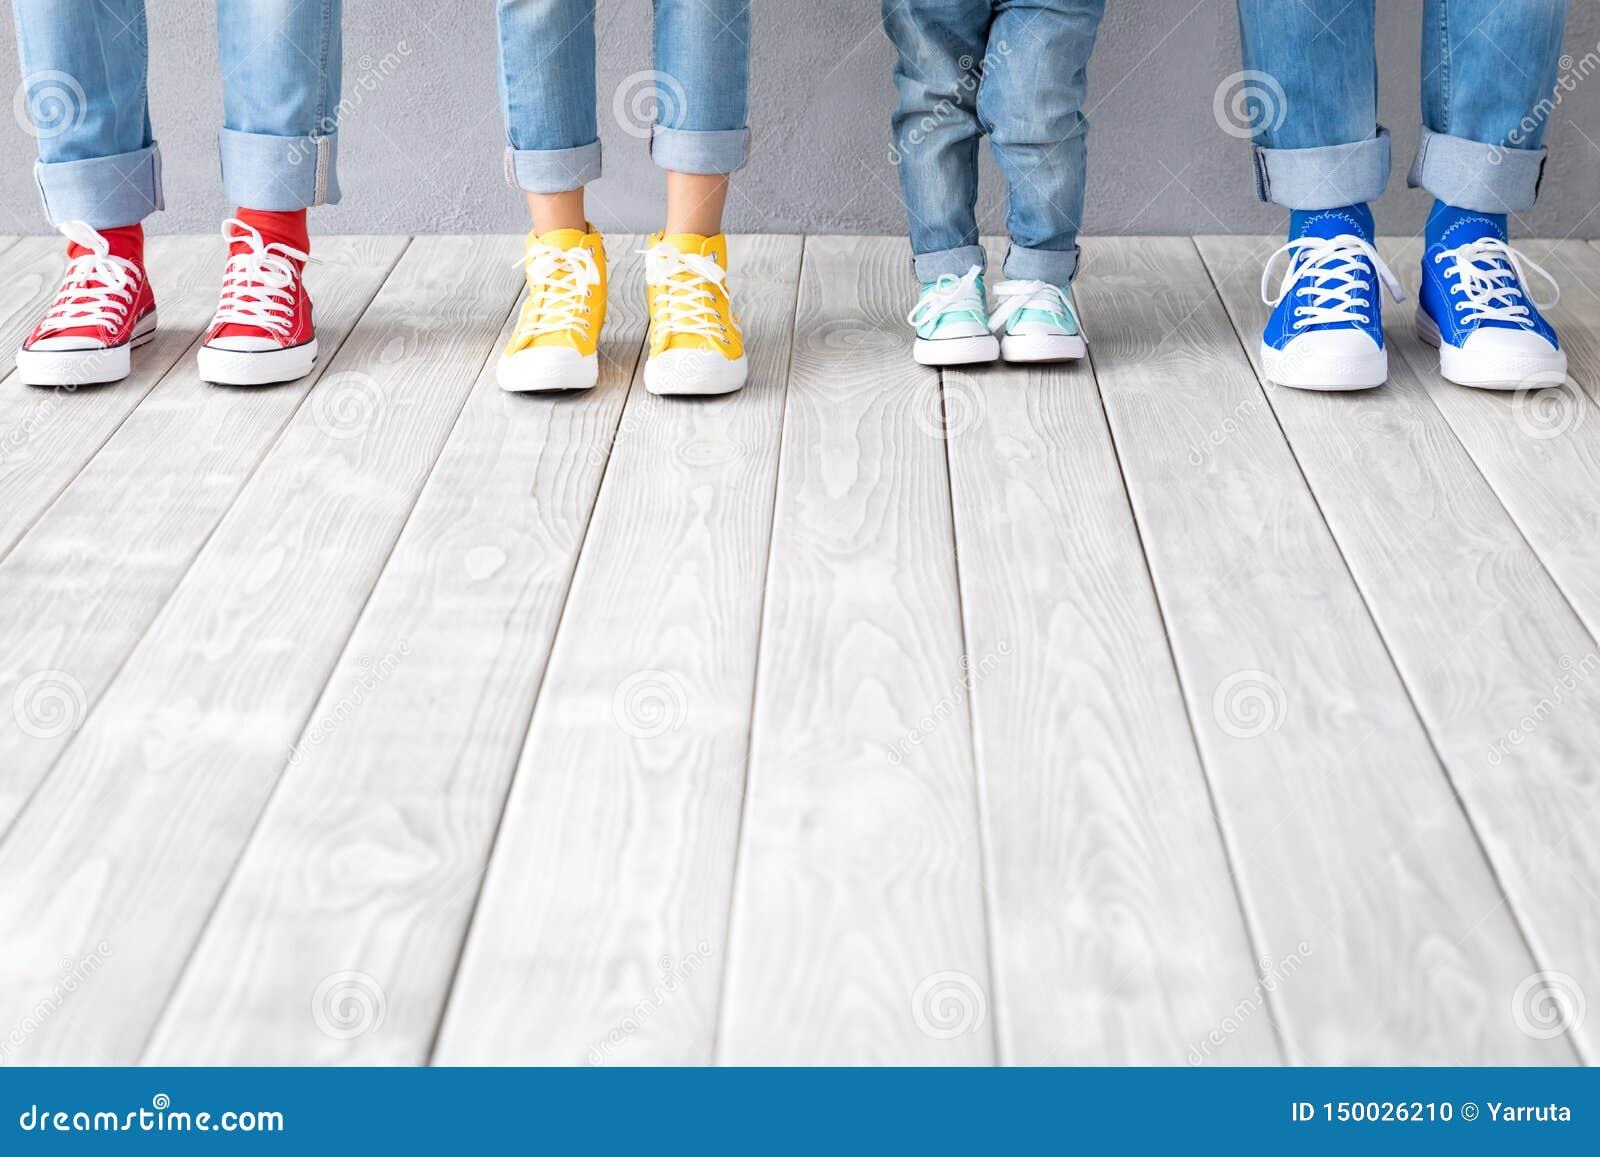 Πόδια ανθρώπων στα ζωηρόχρωμα πάνινα παπούτσια